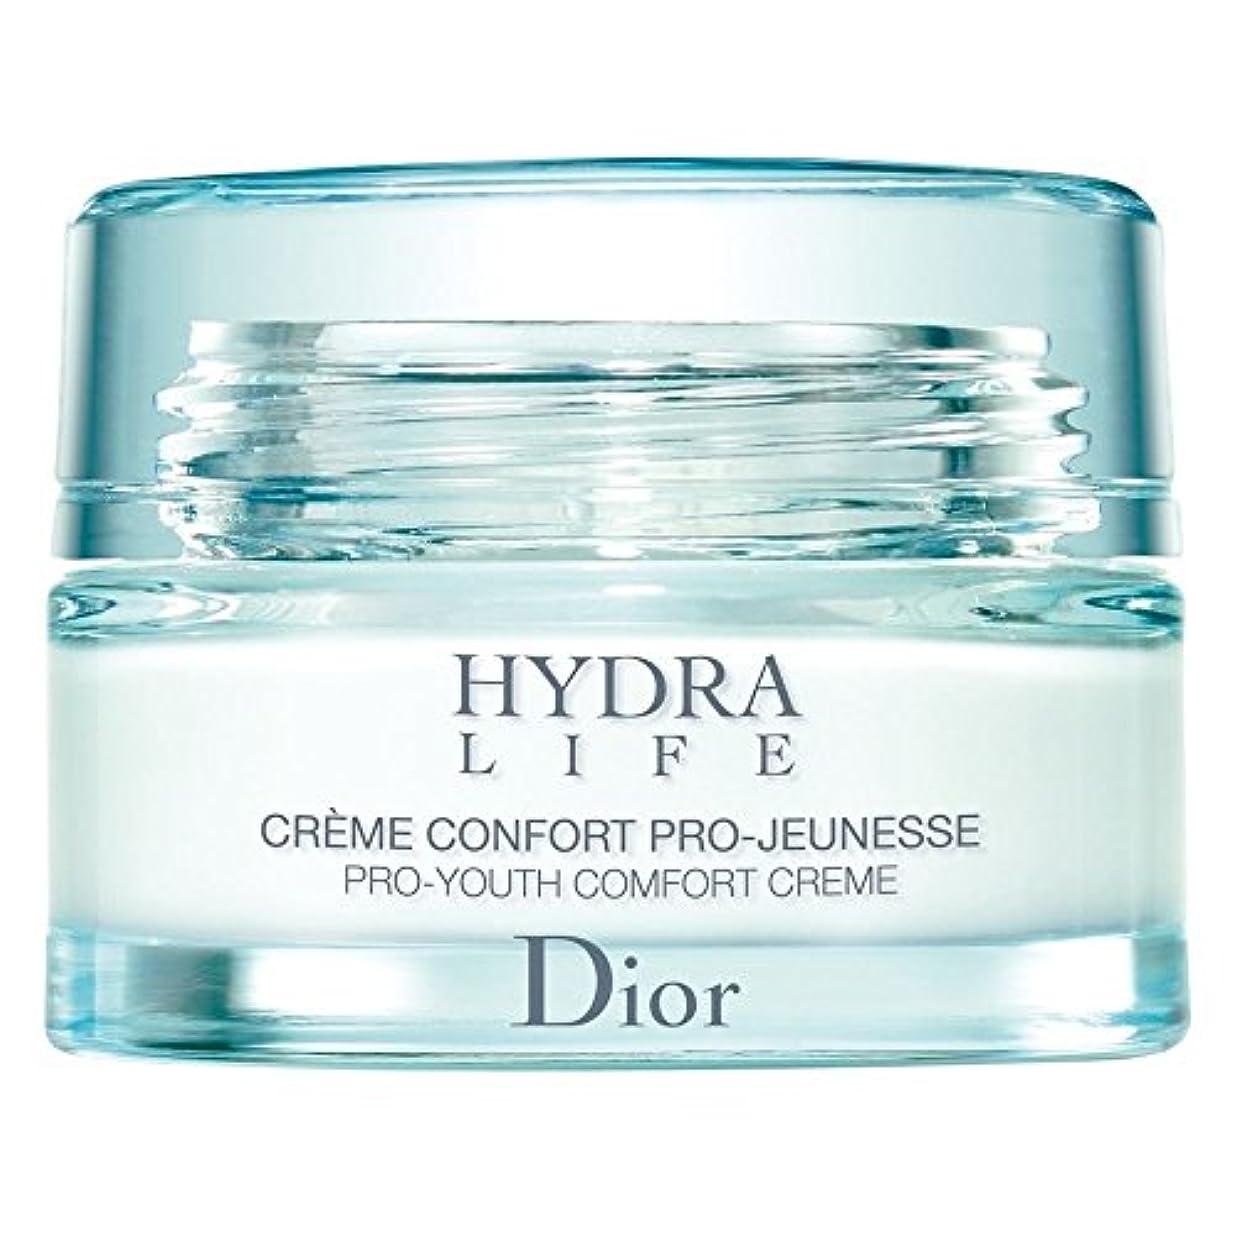 有効な深く博覧会[Dior] ディオールヒドラライフプロユース快適クリーム、50ミリリットル - Dior Hydra Life Pro-Youth Comfort Cream, 50ml [並行輸入品]